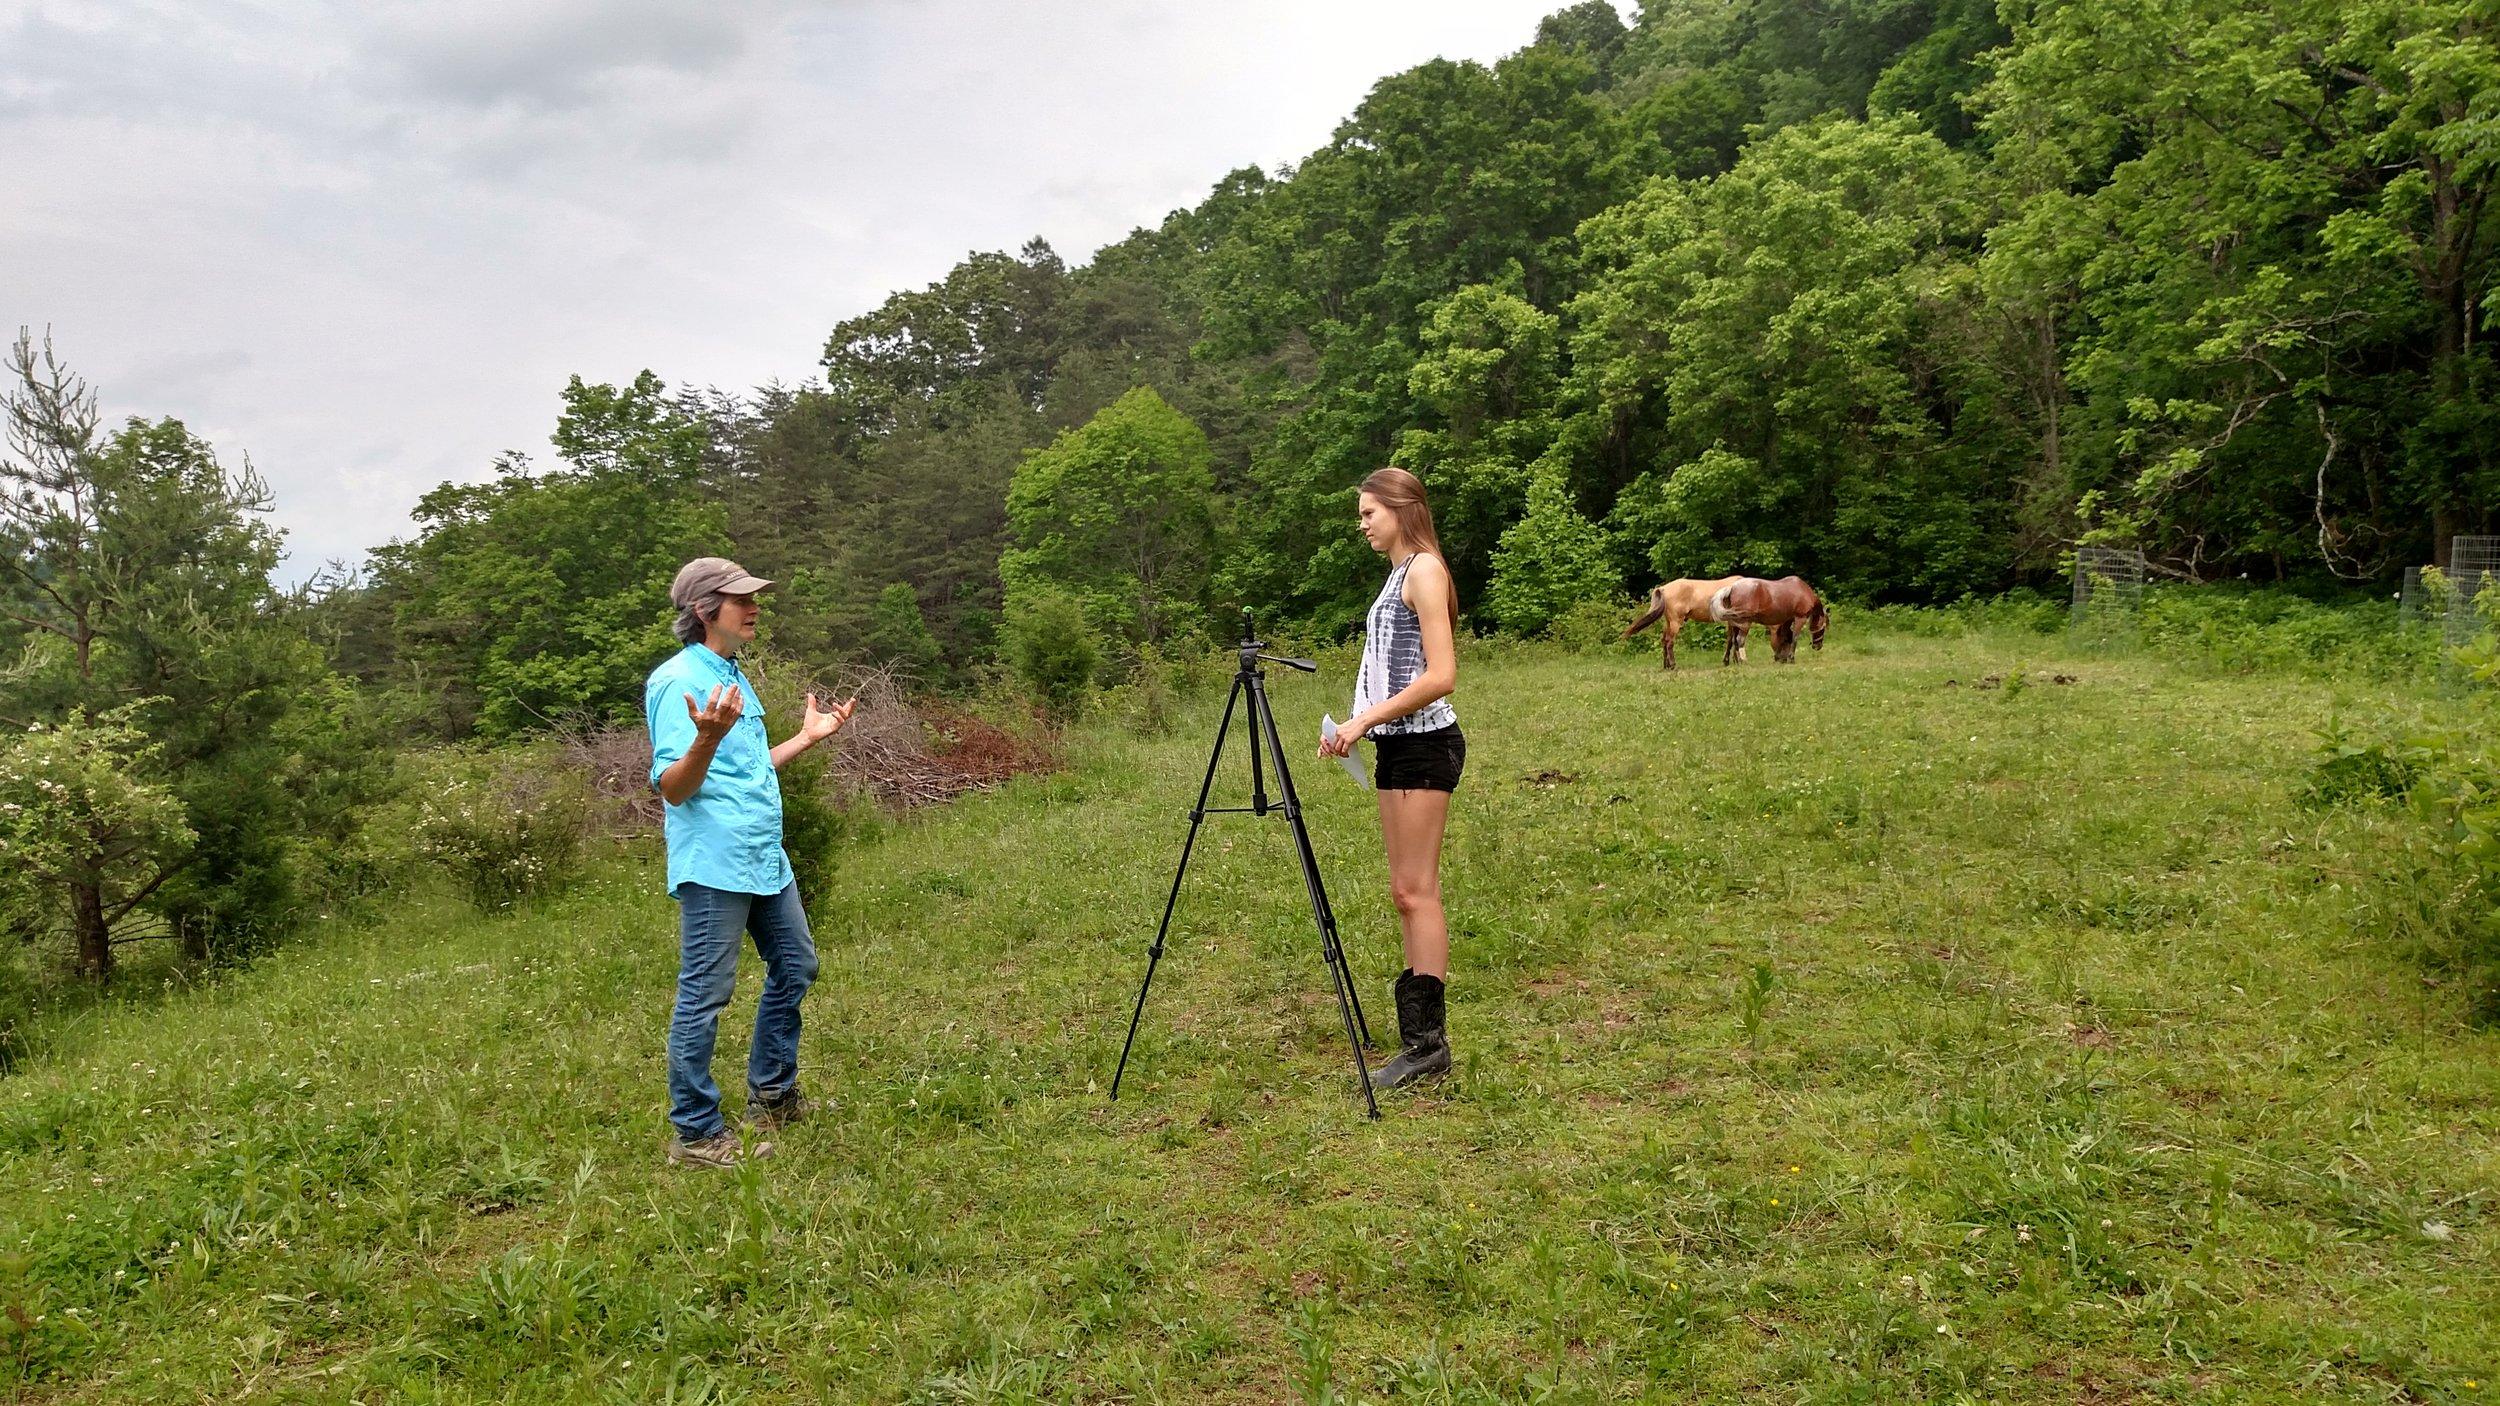 Sharon Sluss, Hilltop of Rainbow's End Farm, West Virginia.